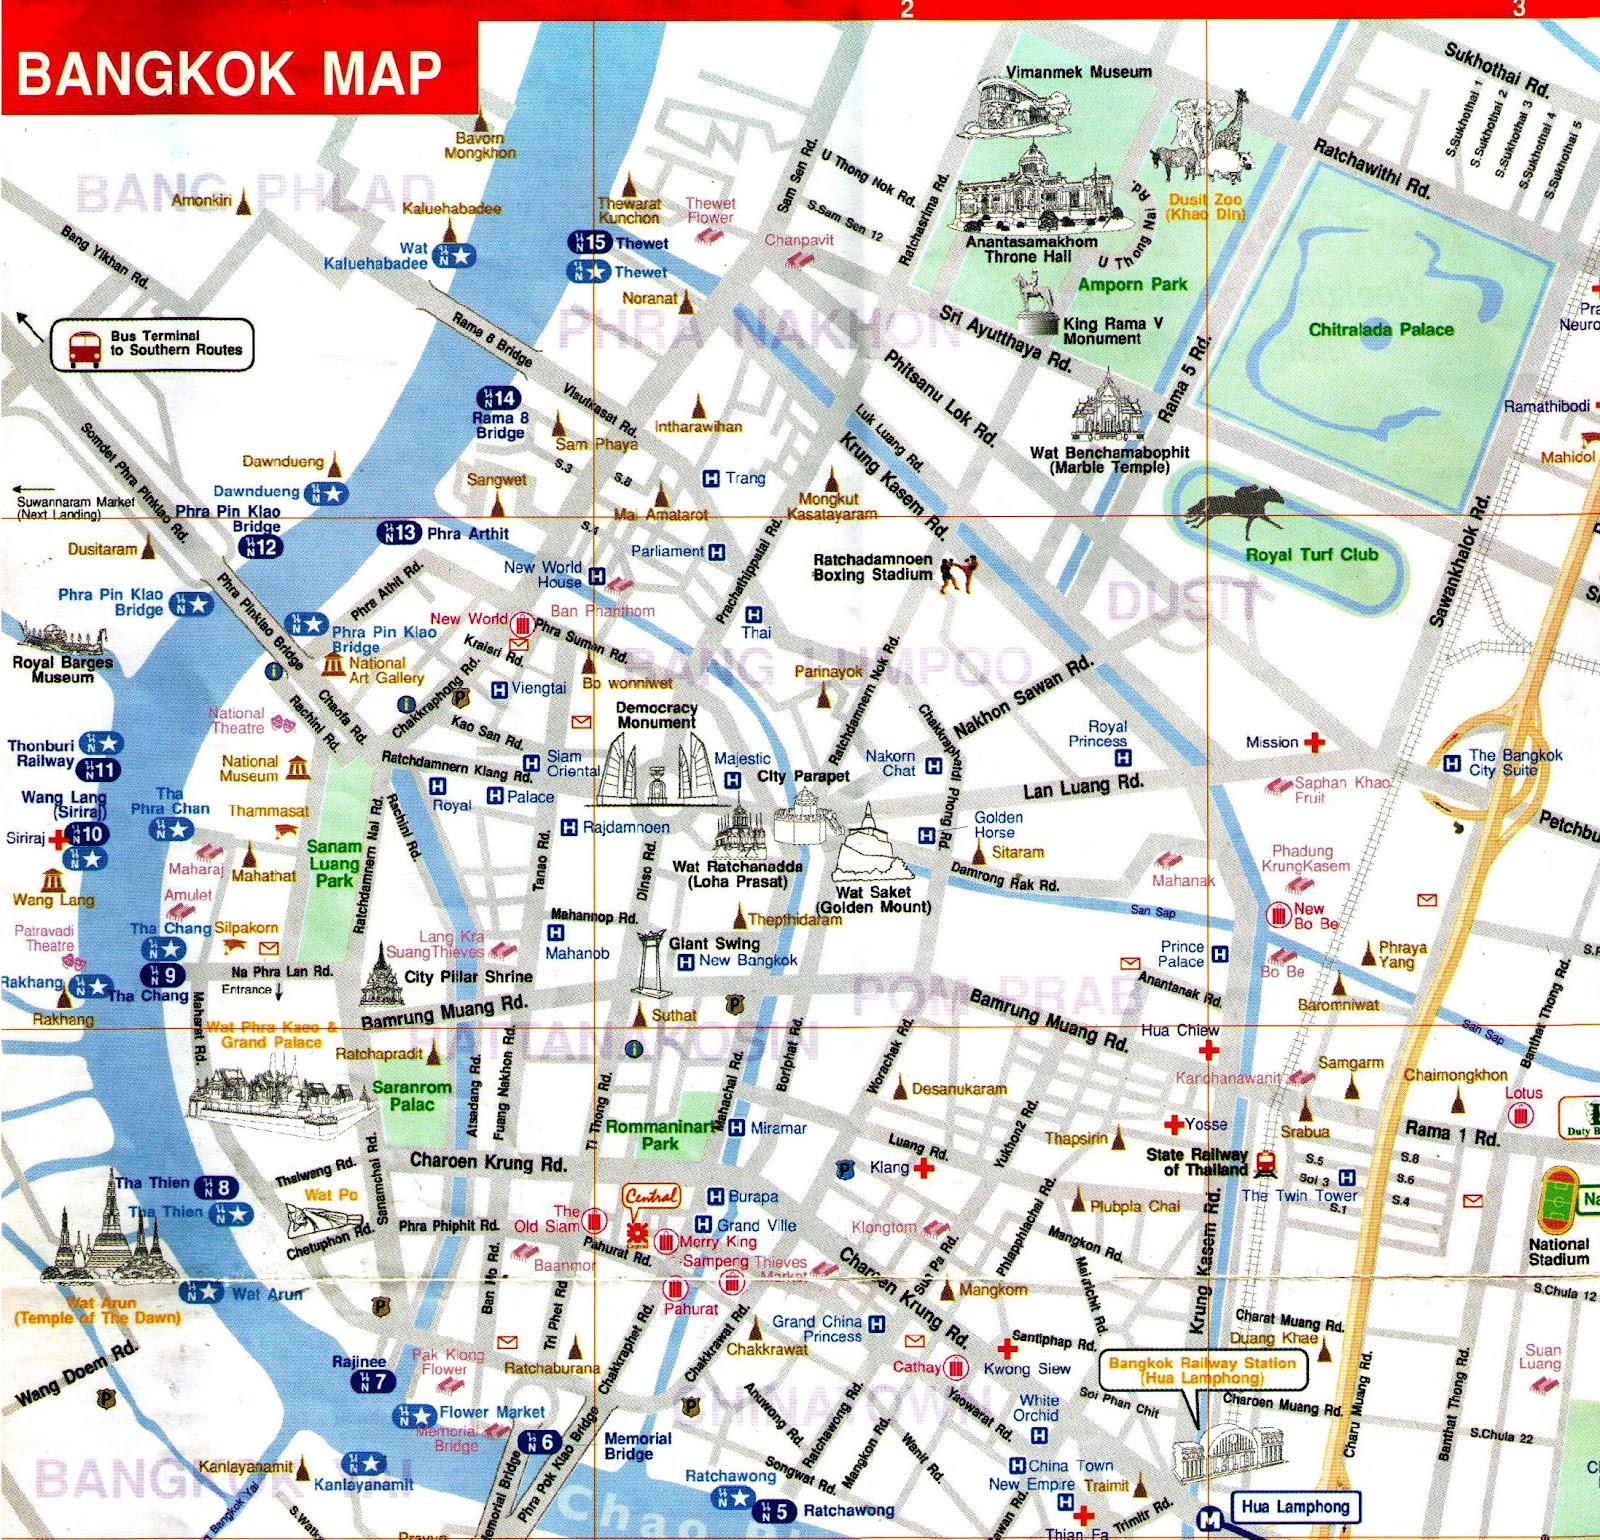 Map of Bangkok, Thailand